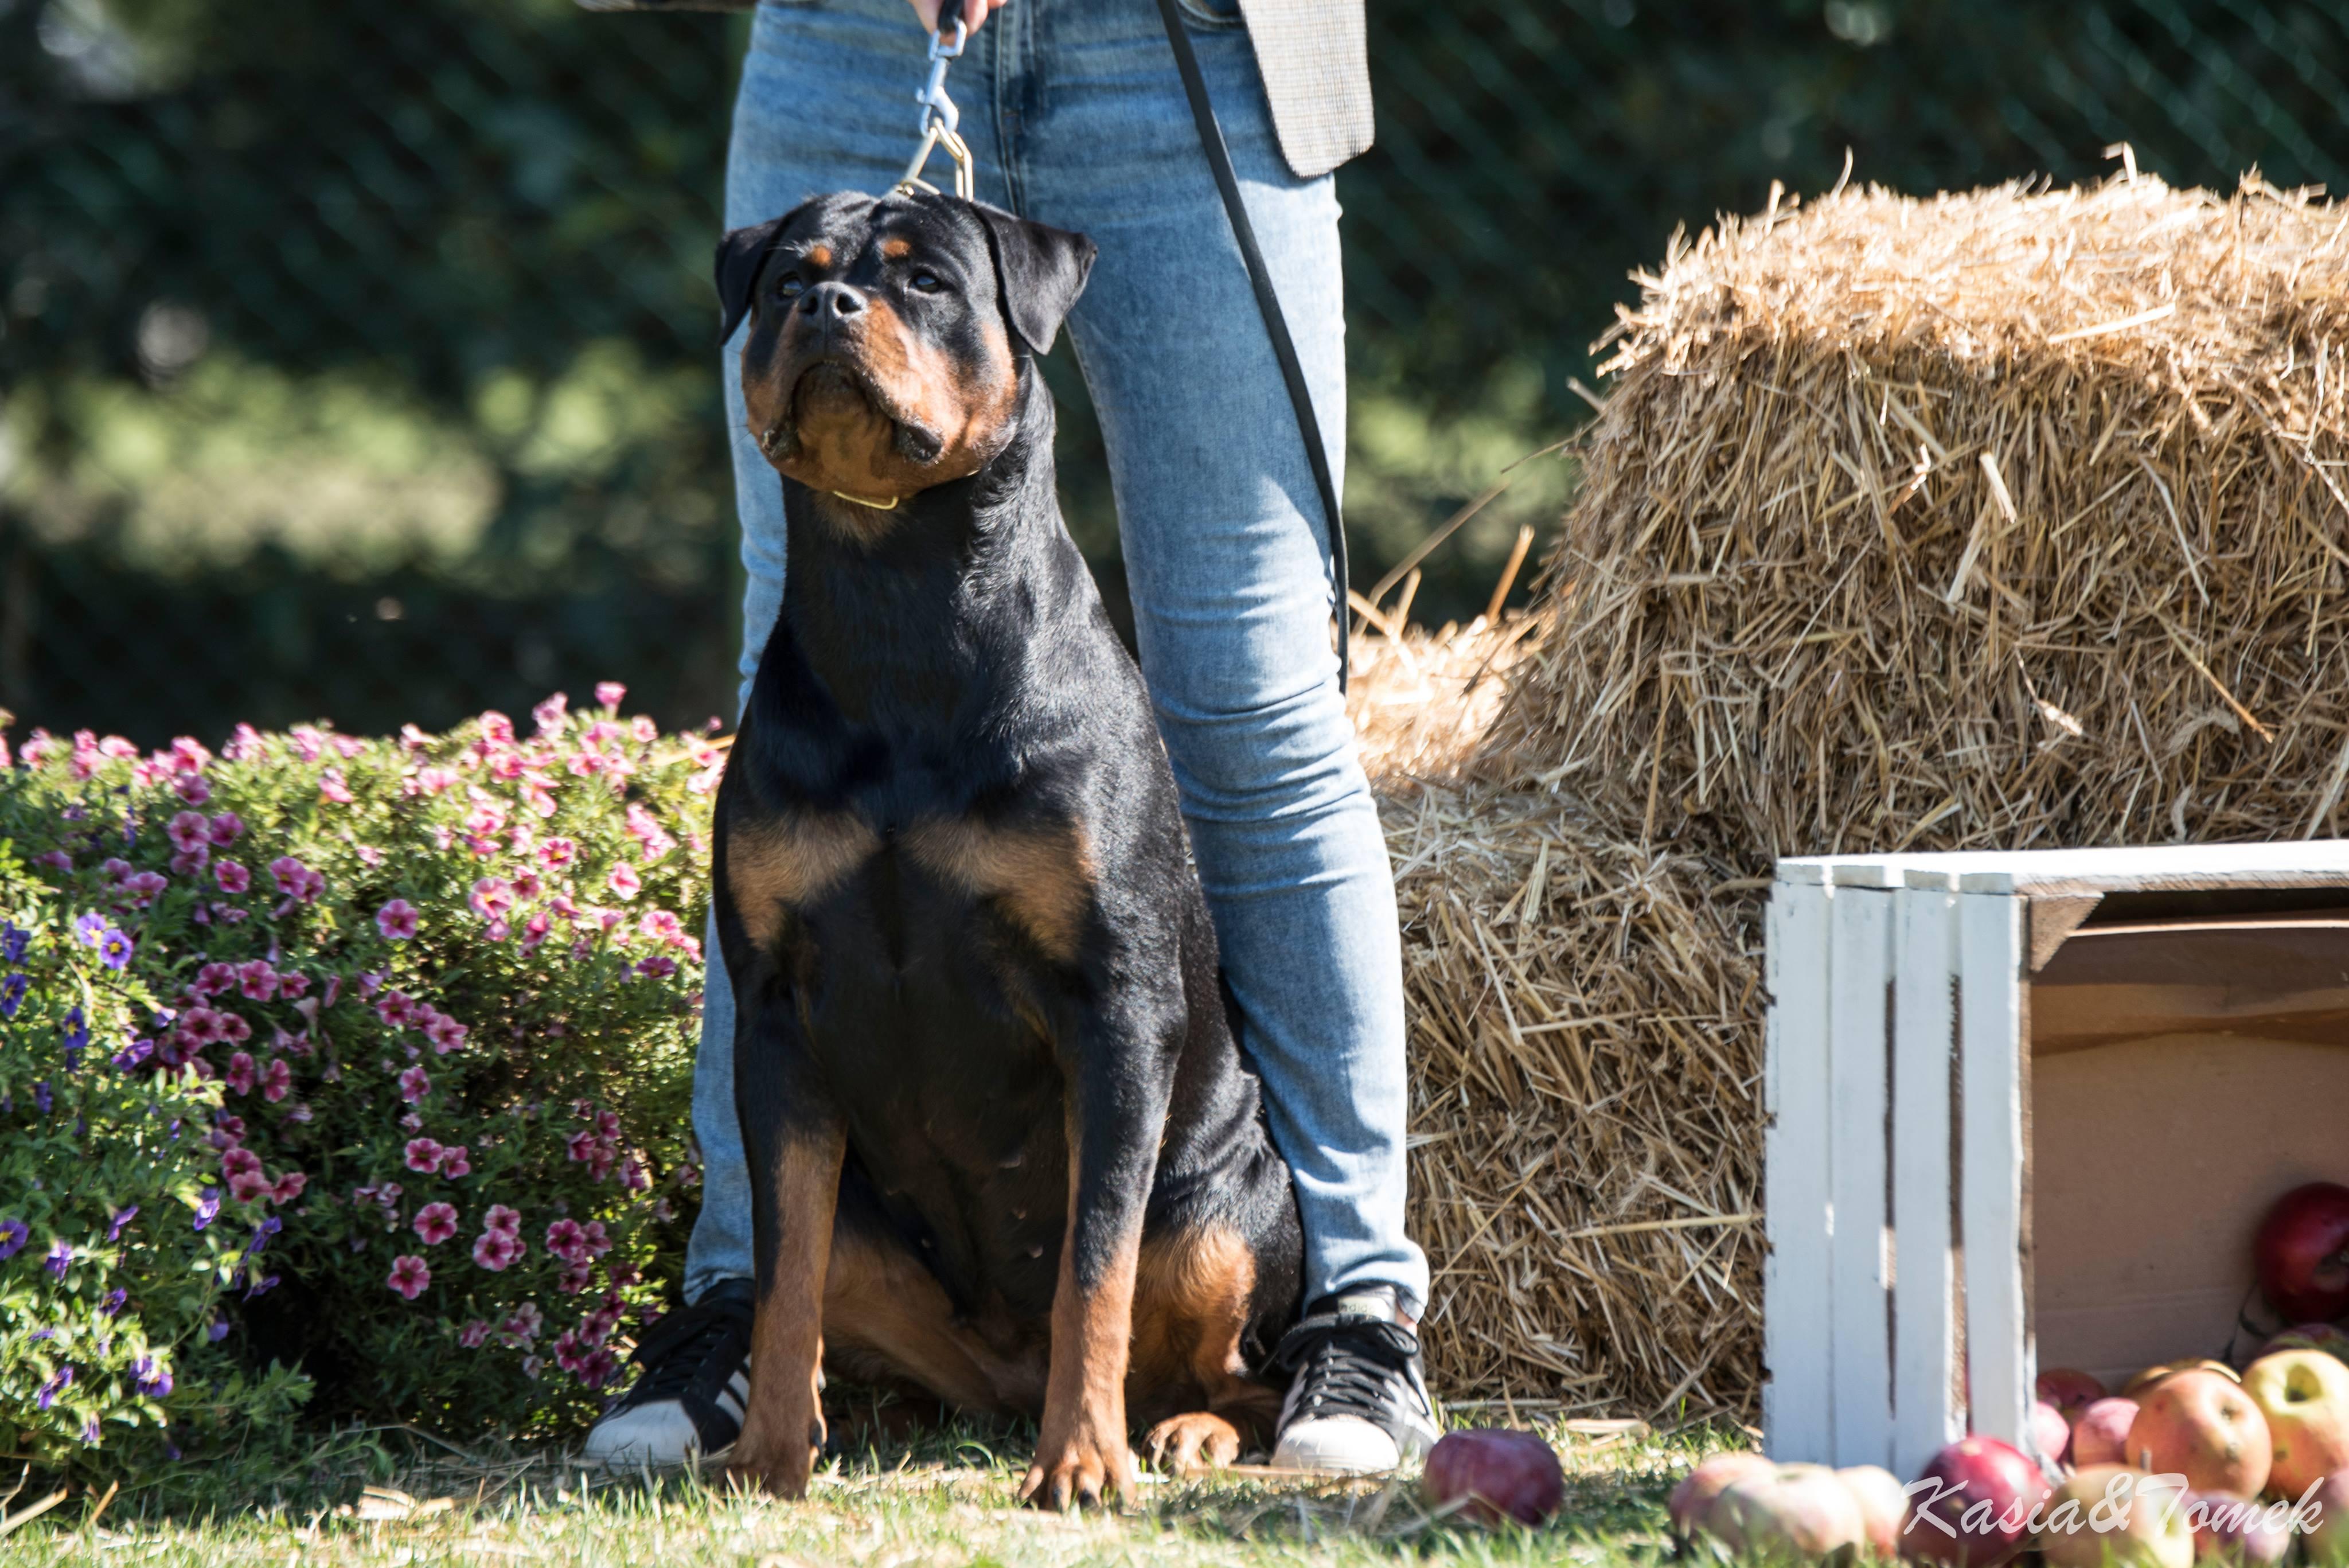 GINA Angaros Najlepszym Rottweilerem Krajowej Wystawy Psów Rasowych w Łodzi! | Rottweiler - Hodowla Rottweilerów Angaros - Rottweilers - Rottweilery